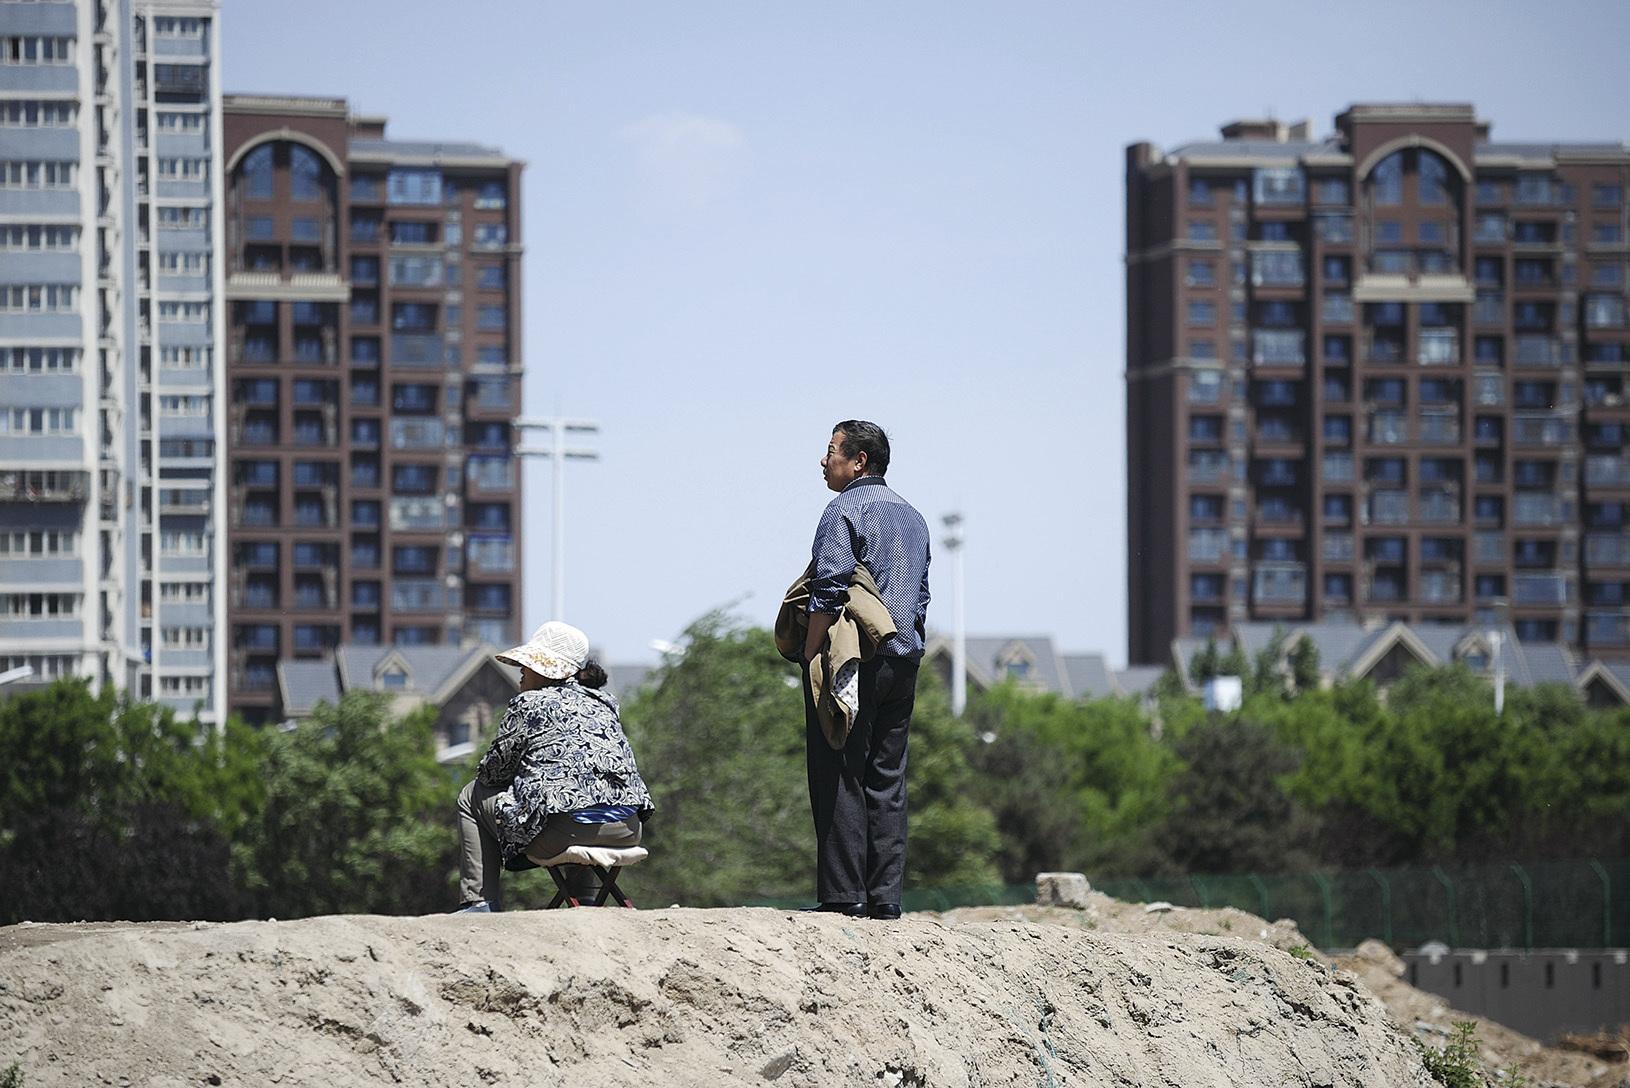 河北省涿州市推出樓市限購,有業內人士認為,北京周邊城市調控政策有全面升級的可能。(Getty Images)